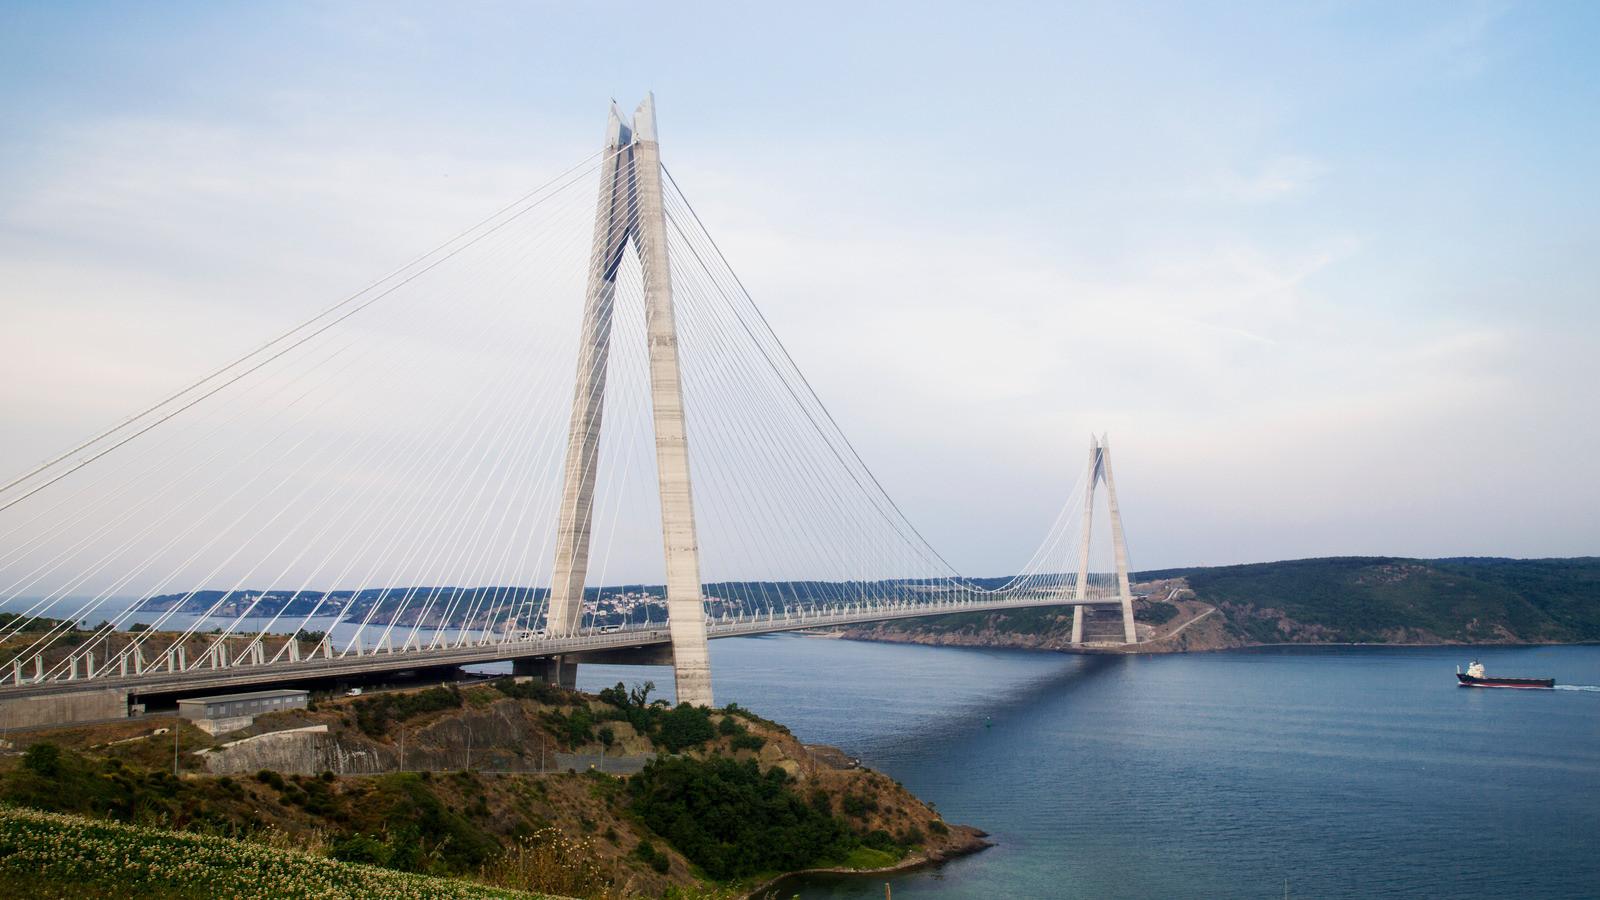 Canva - Yavuz Sultan Selim Bridge, Istan